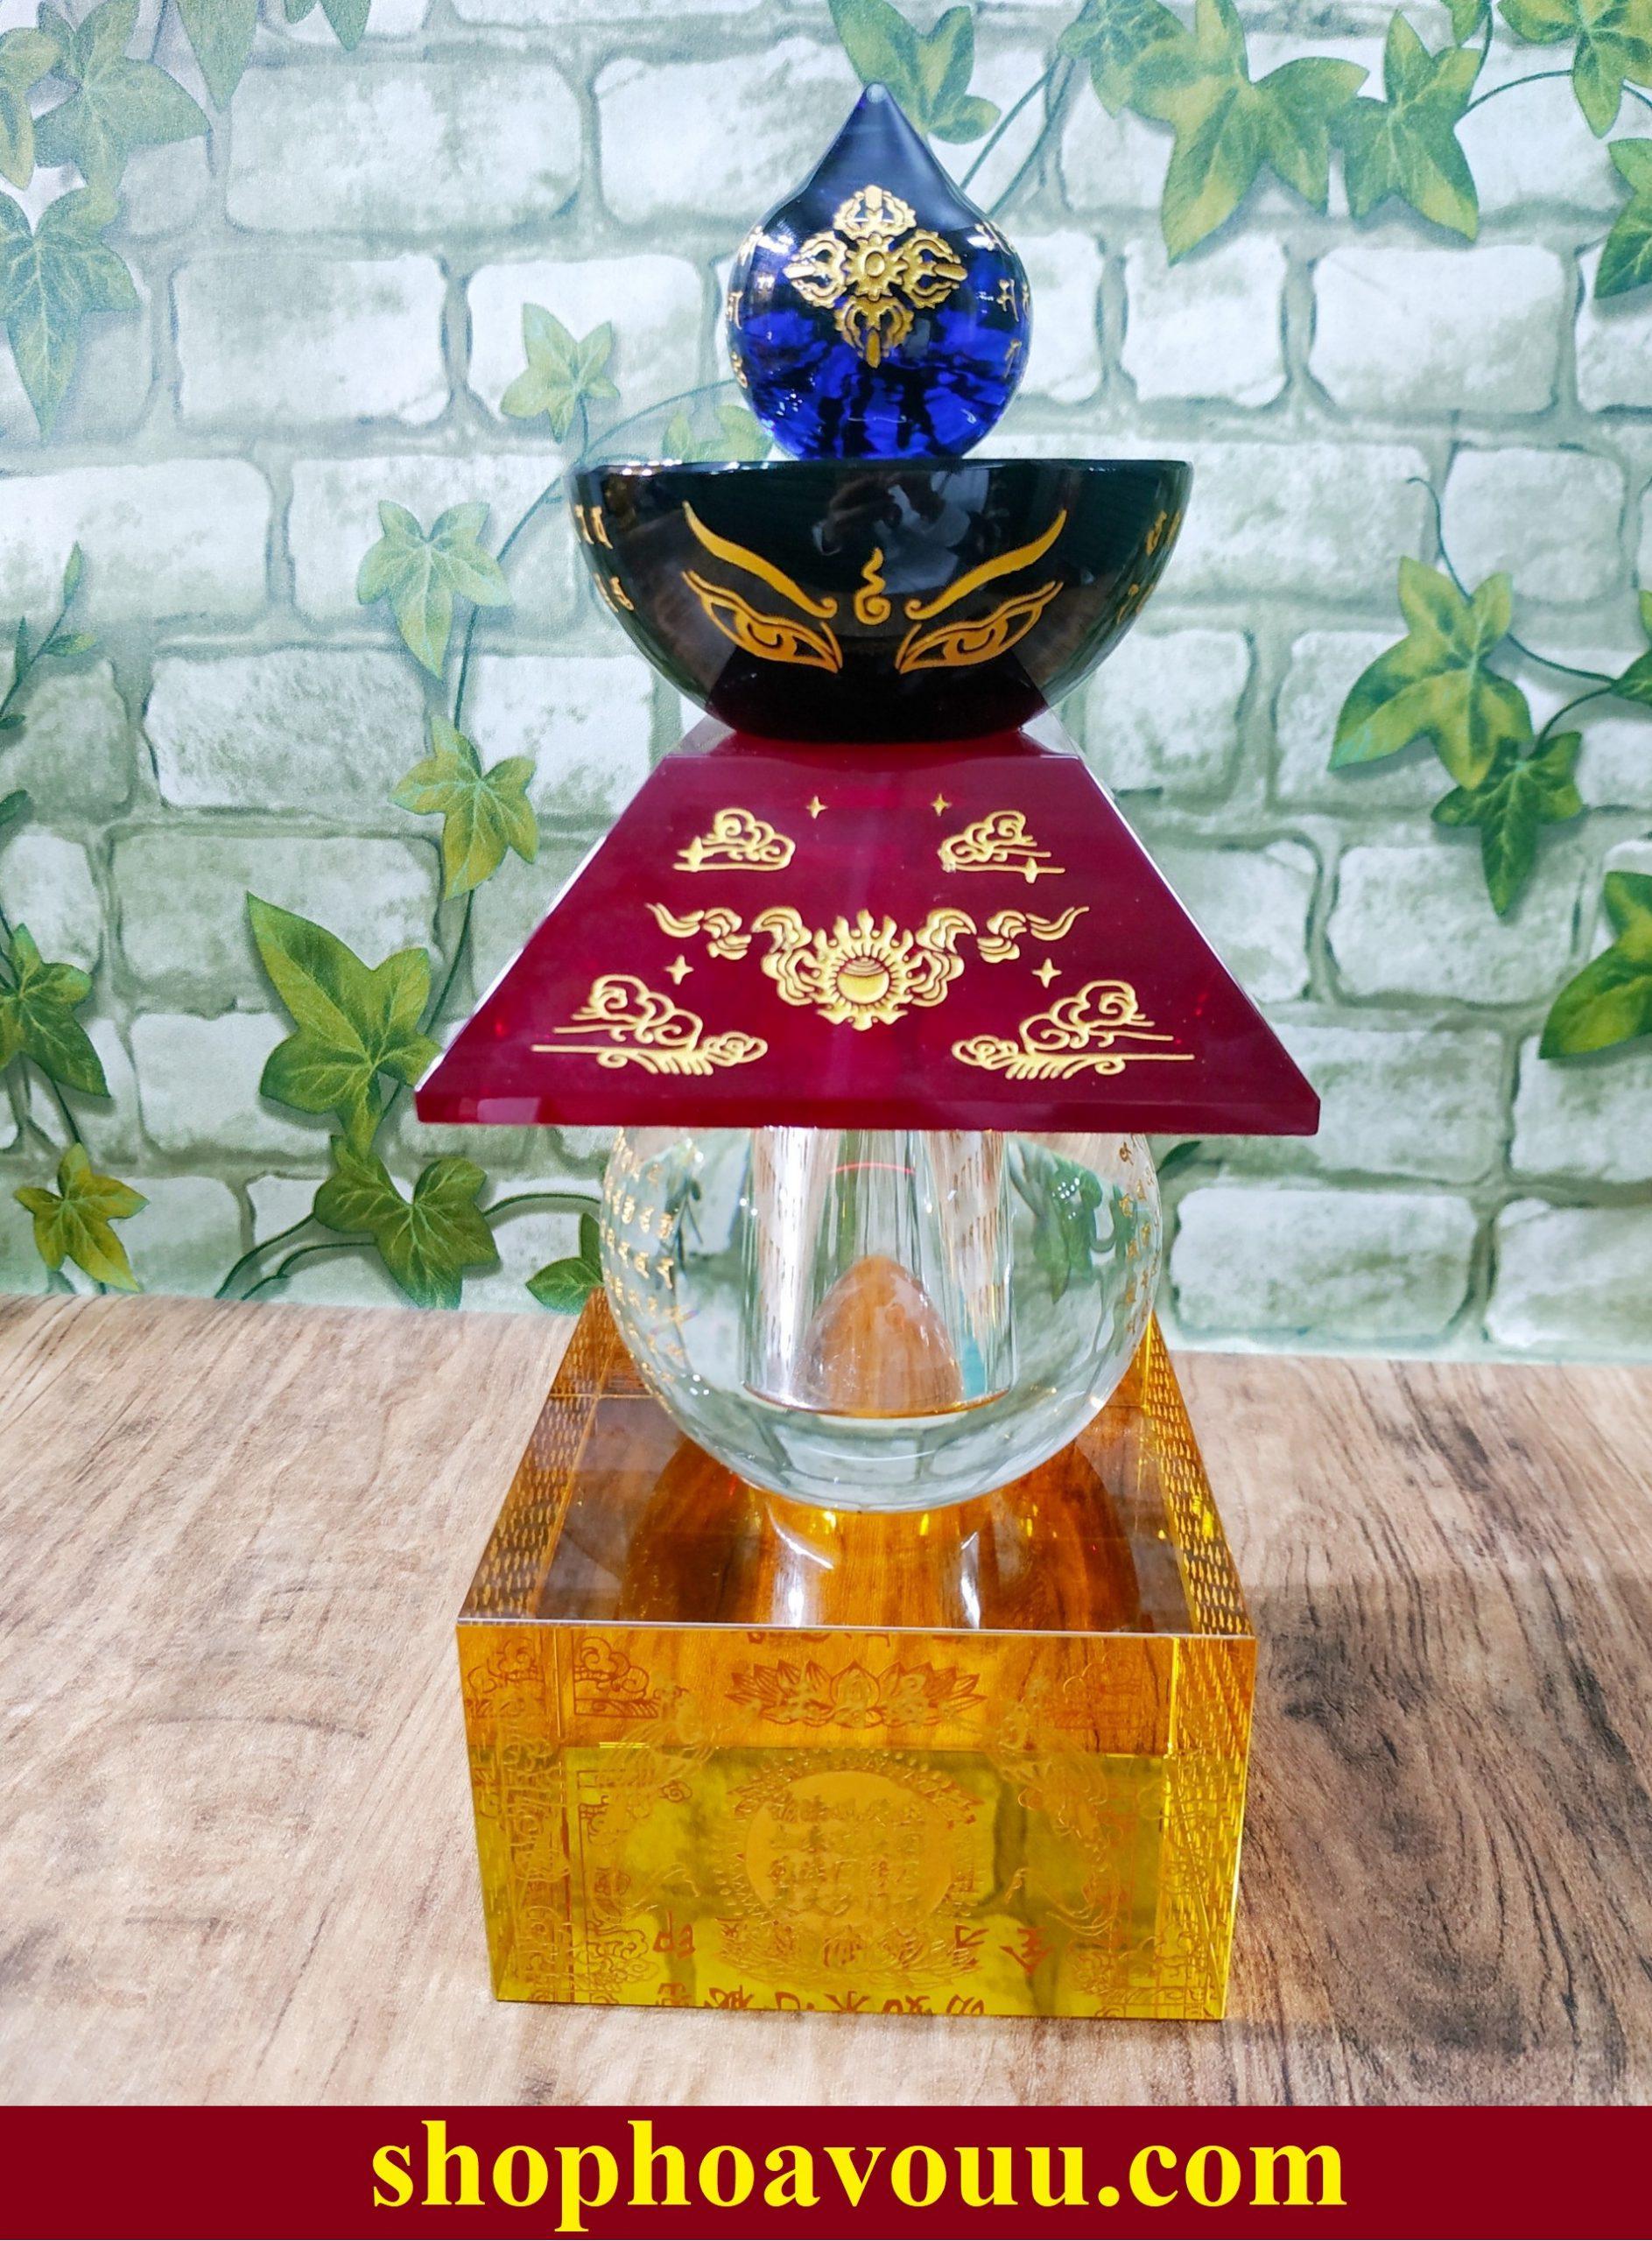 Tháp xá lợi trở thành biểu tượng của sự linh thiêng, bình an, may mắn cho gia chủ